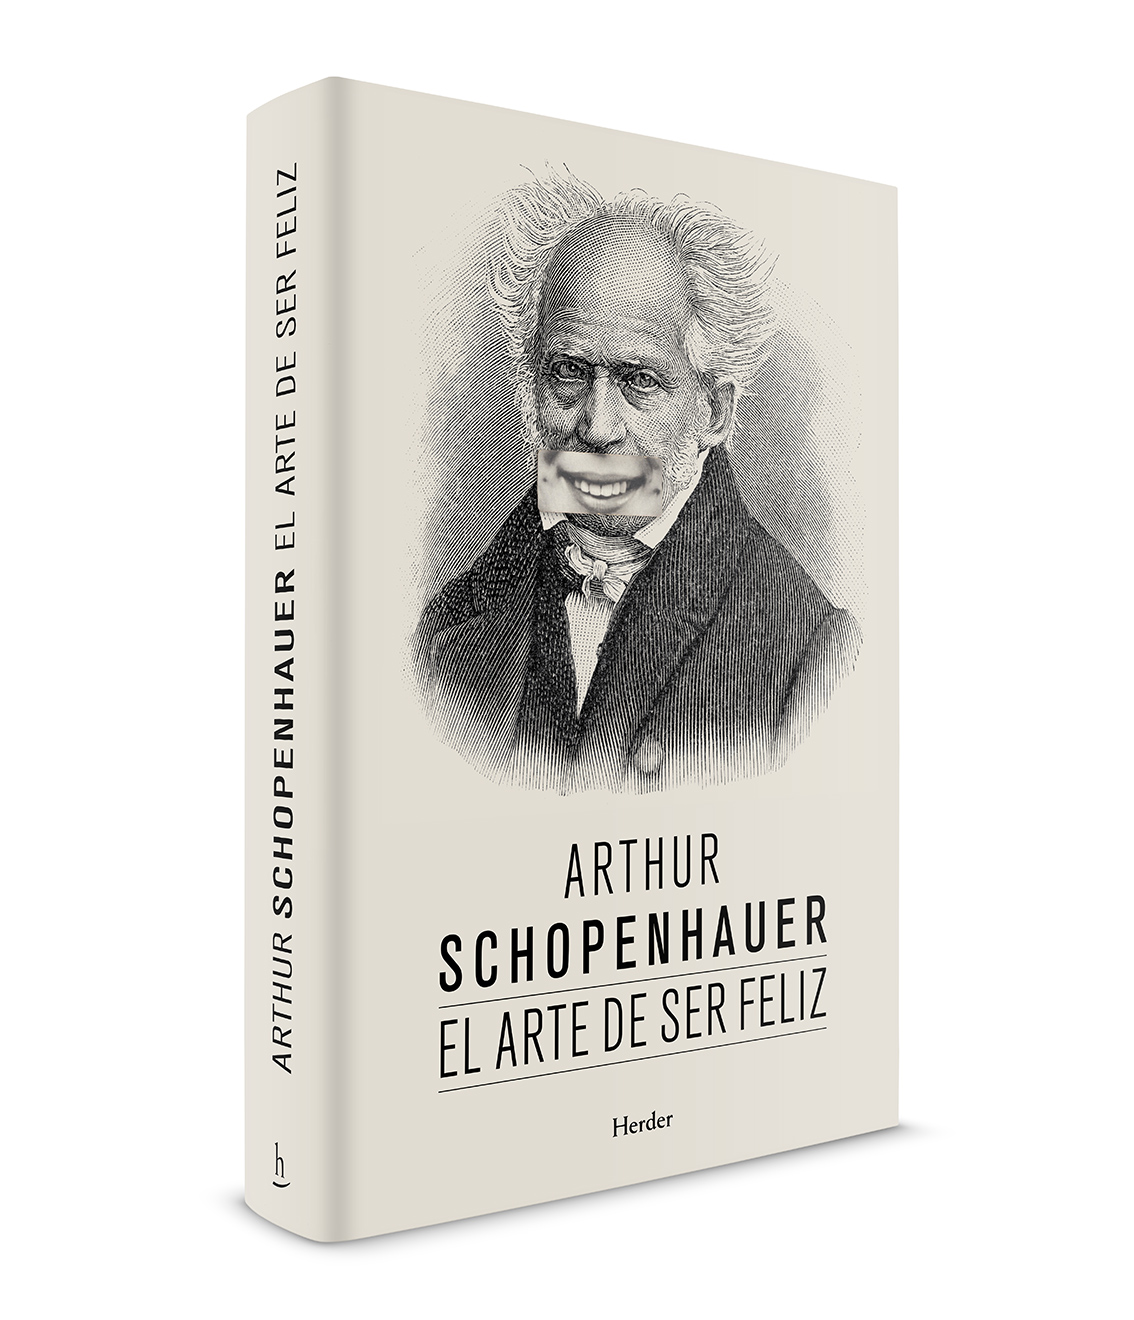 Resultado de imagen para schopenhauer el arte de ser feliz